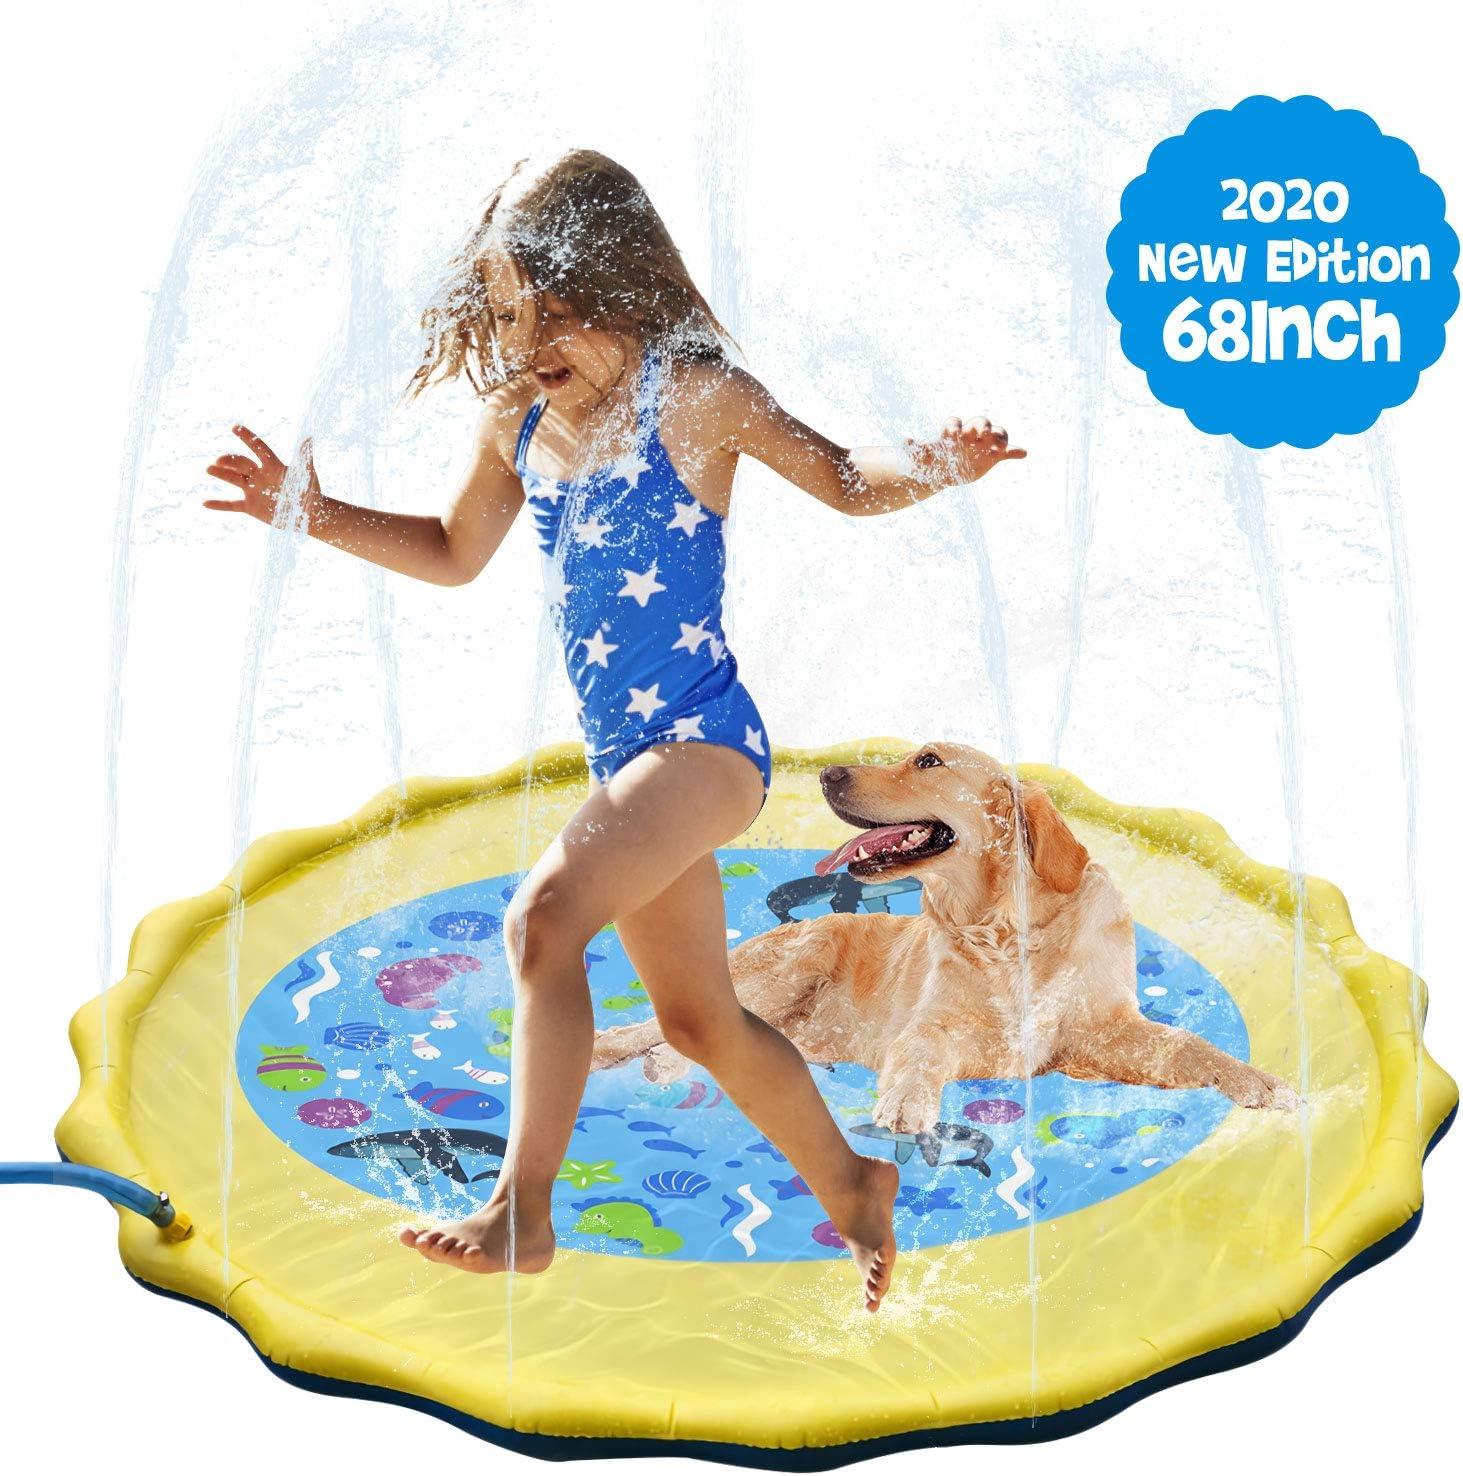 Cuscino da Spiaggia Gonfiabile Blu da 60 Pollici Giochi da Giardino con Spray da Giardino per Bambini e Animali Domestici DY/_Jin Tappetino da Gioco con Spruzzi e Spruzzi dAcqua